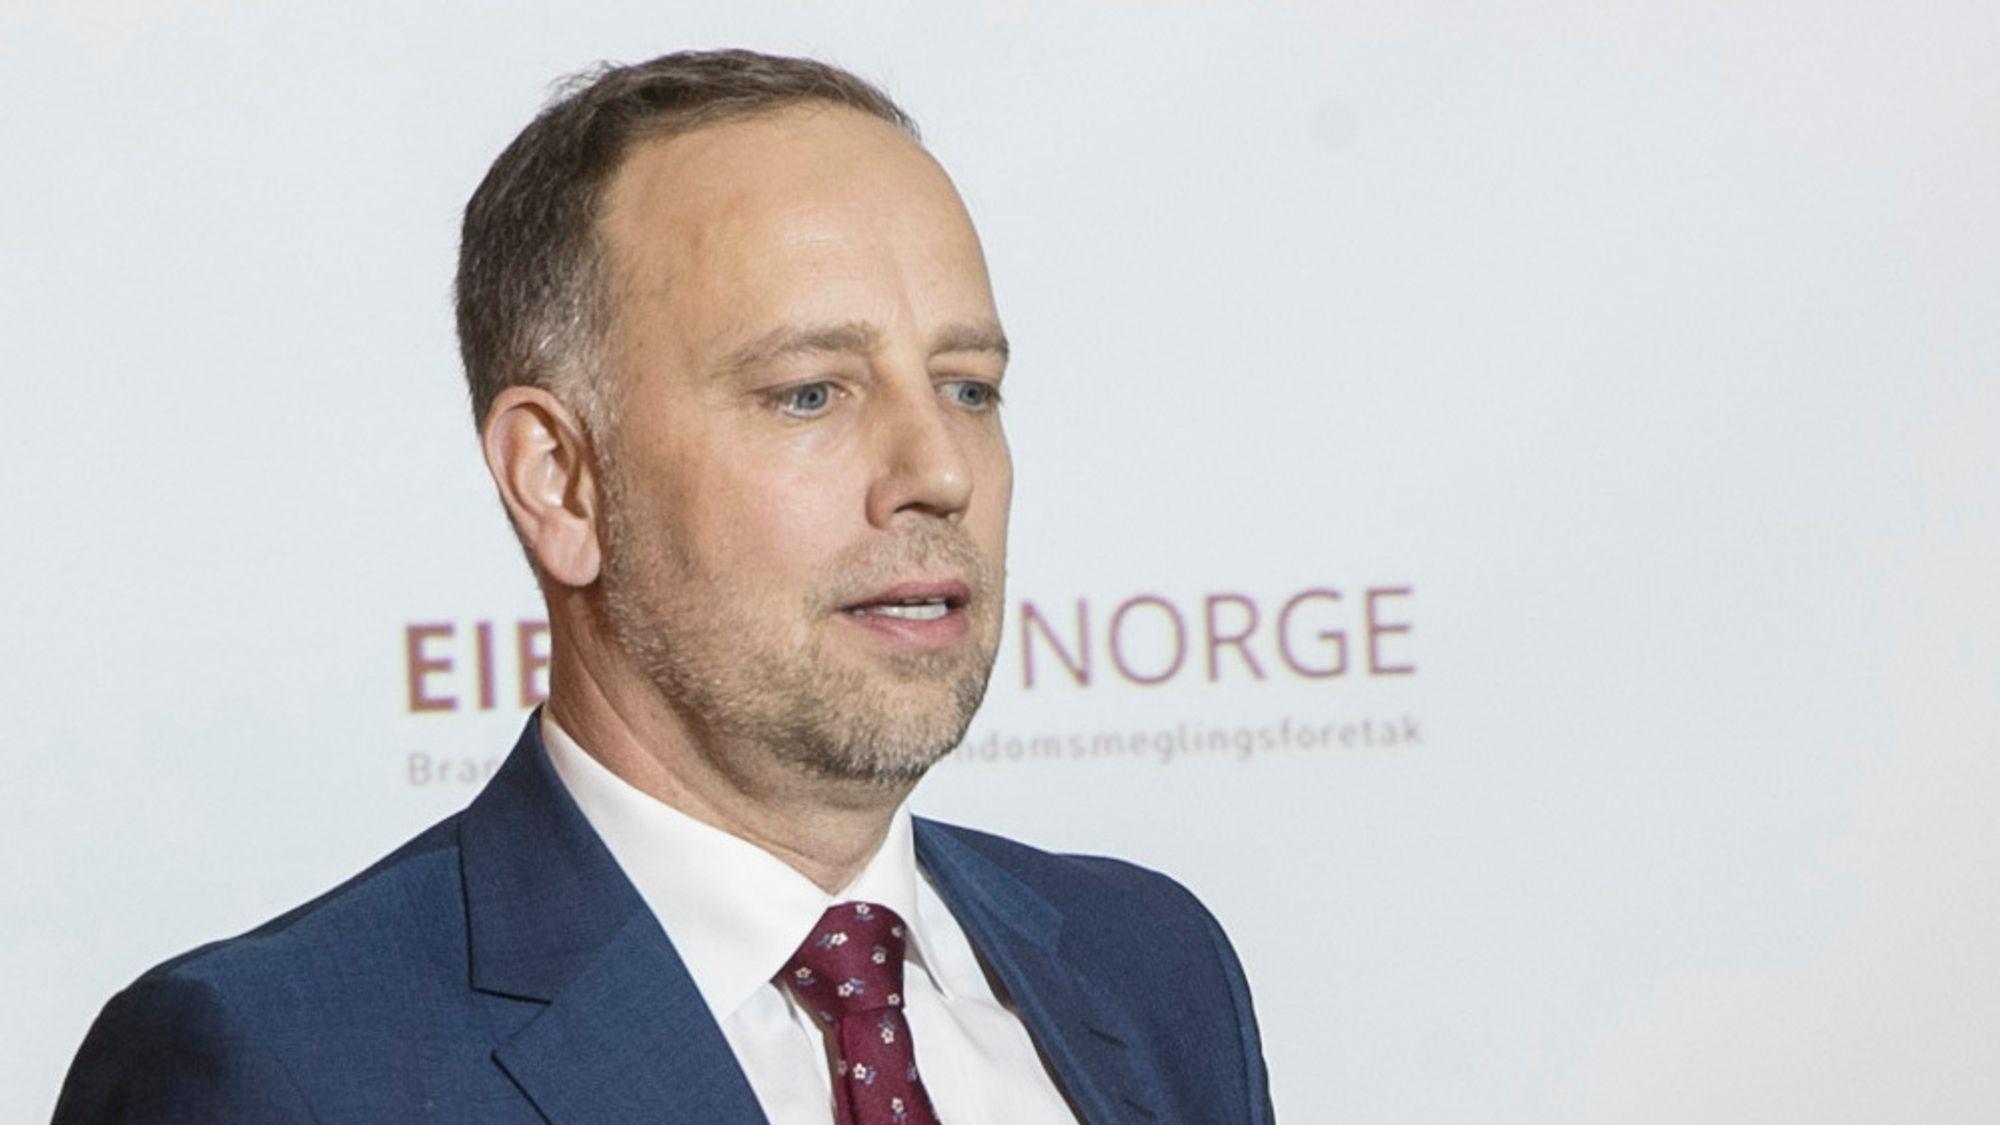 – I 2018 under ett ender boligprisutviklingen nasjonalt tett på nivå med lønnsveksten. Dette er bra for den finansielle stabiliteten, sier Christian Vammervold Dreyer i Eiendom Norge.